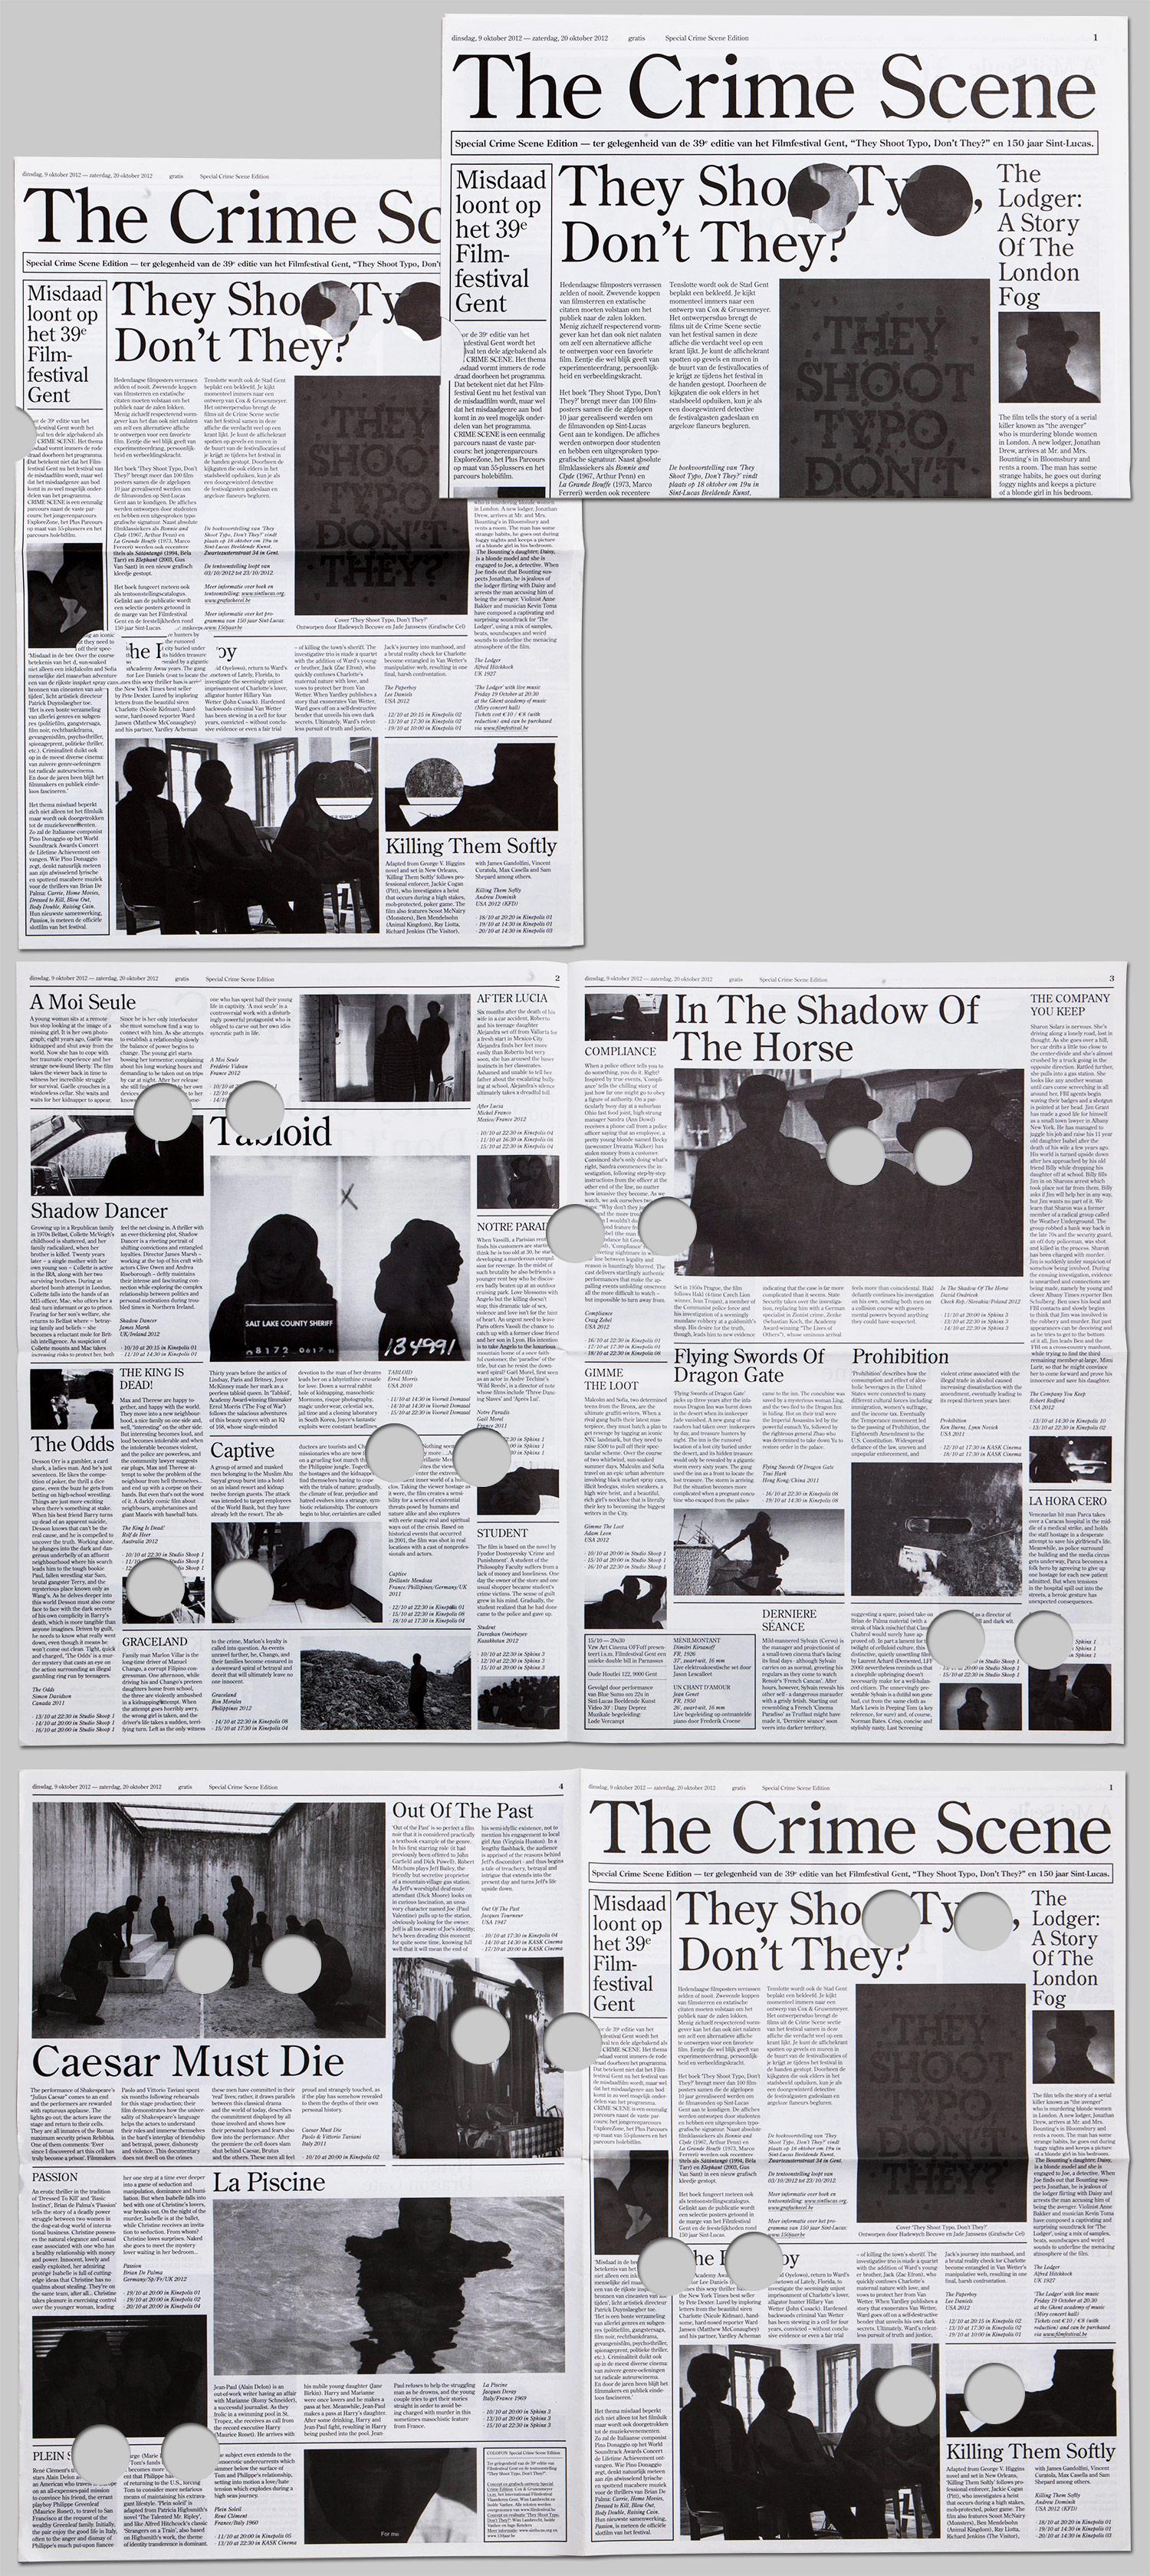 THE-CRIME-SCENE-GRUSENMEYER-3